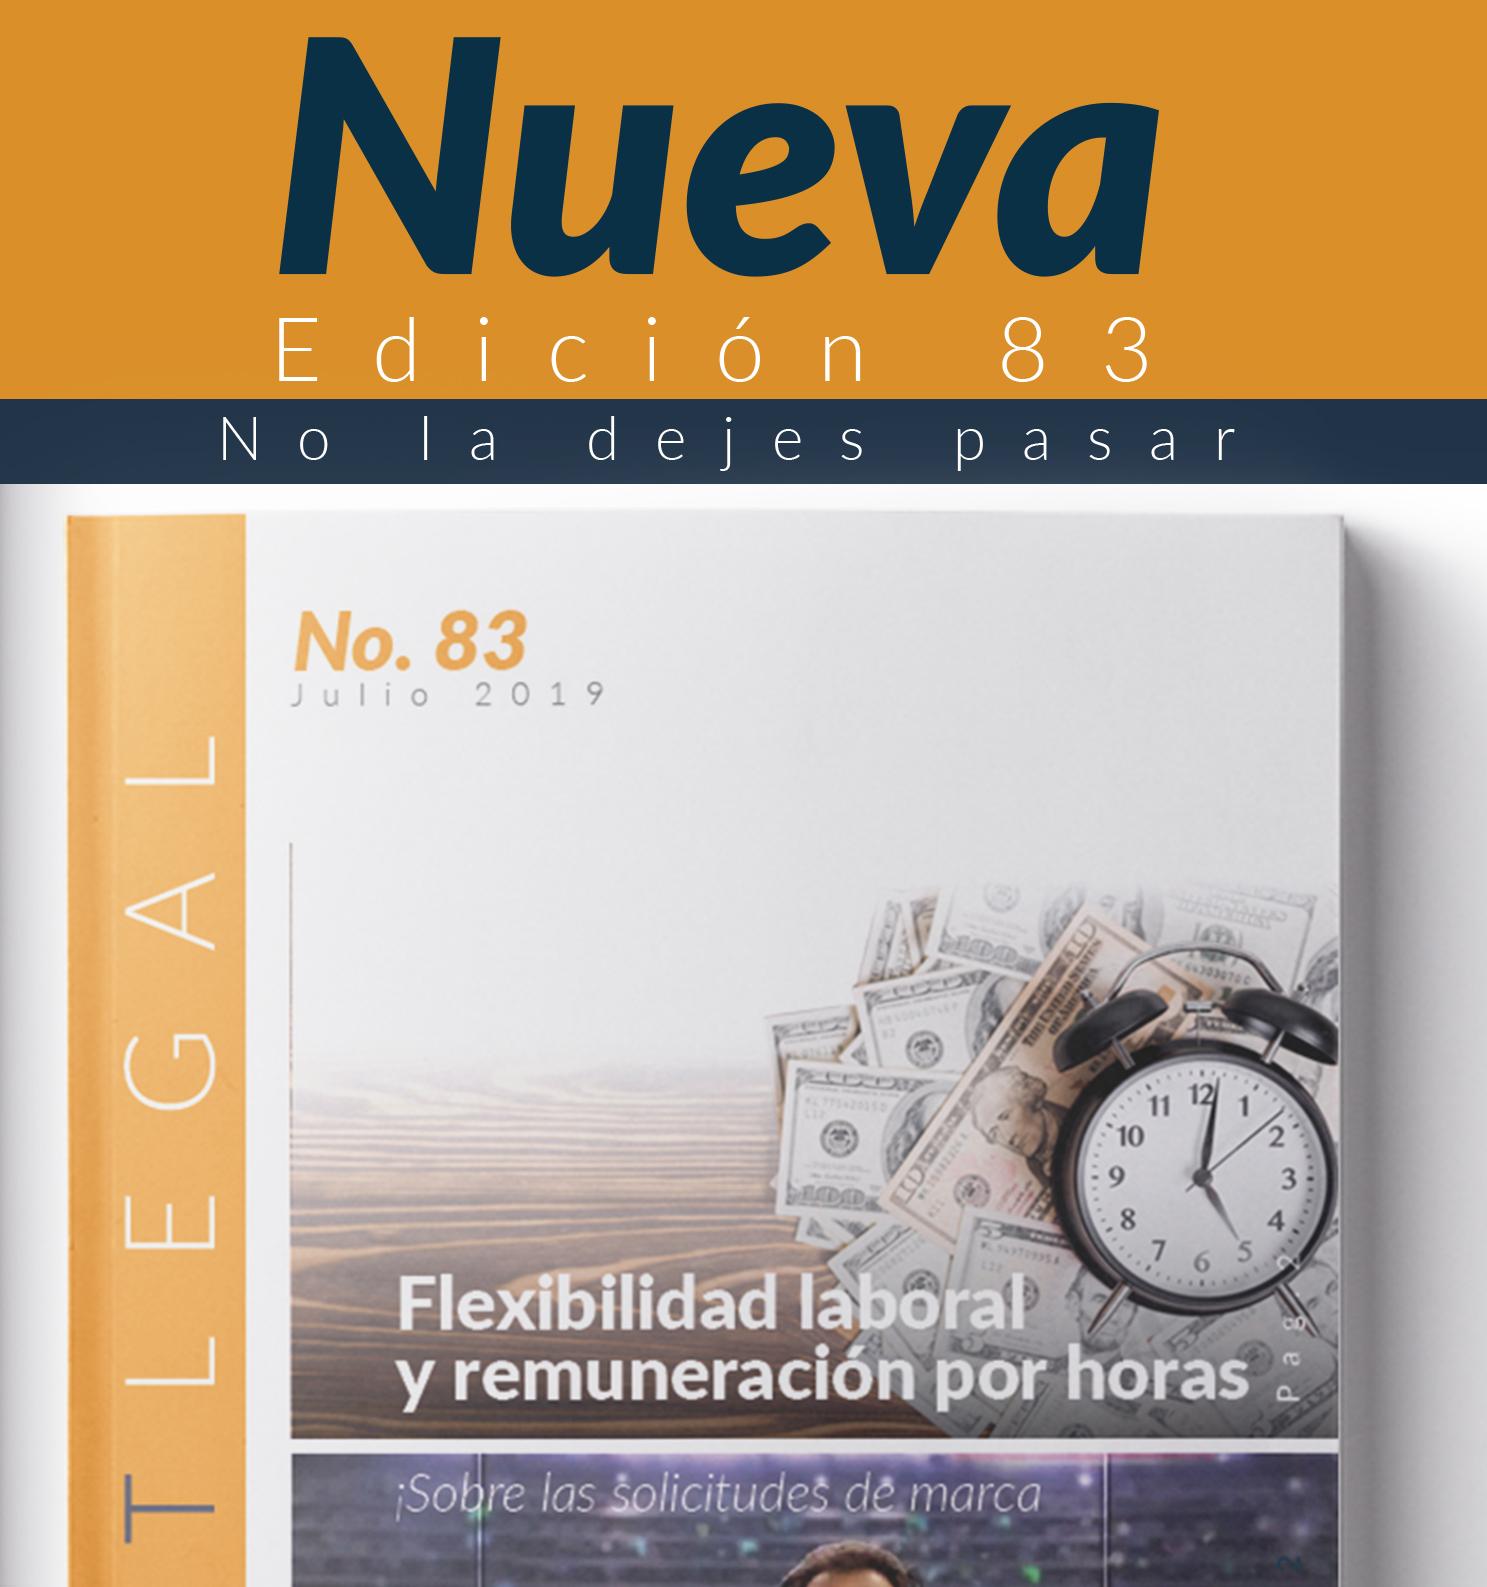 Edición Notinet legal No. 83 -Julio -2019